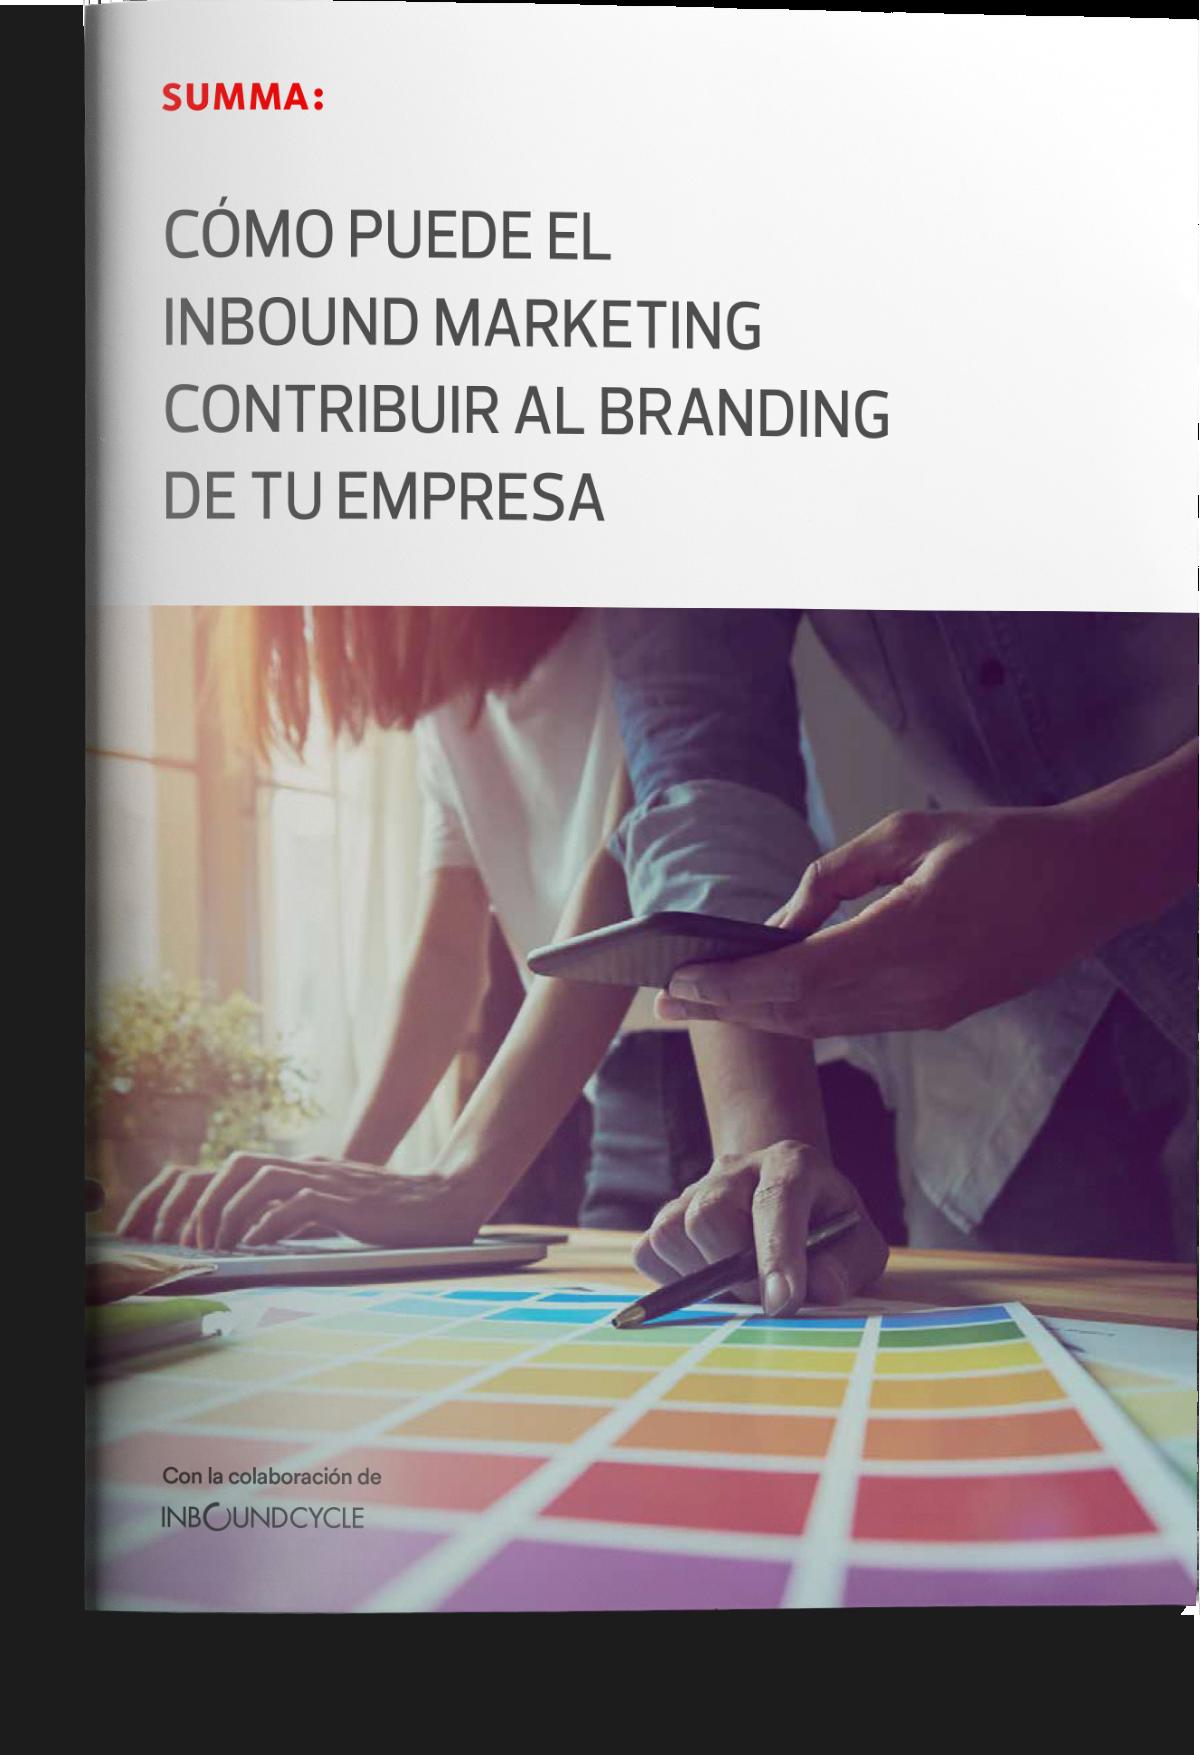 SUM_-_Portada_-_Cómo_puede_el_inbound_marketing_contribuir_al_branding_de_tu_empresa.png